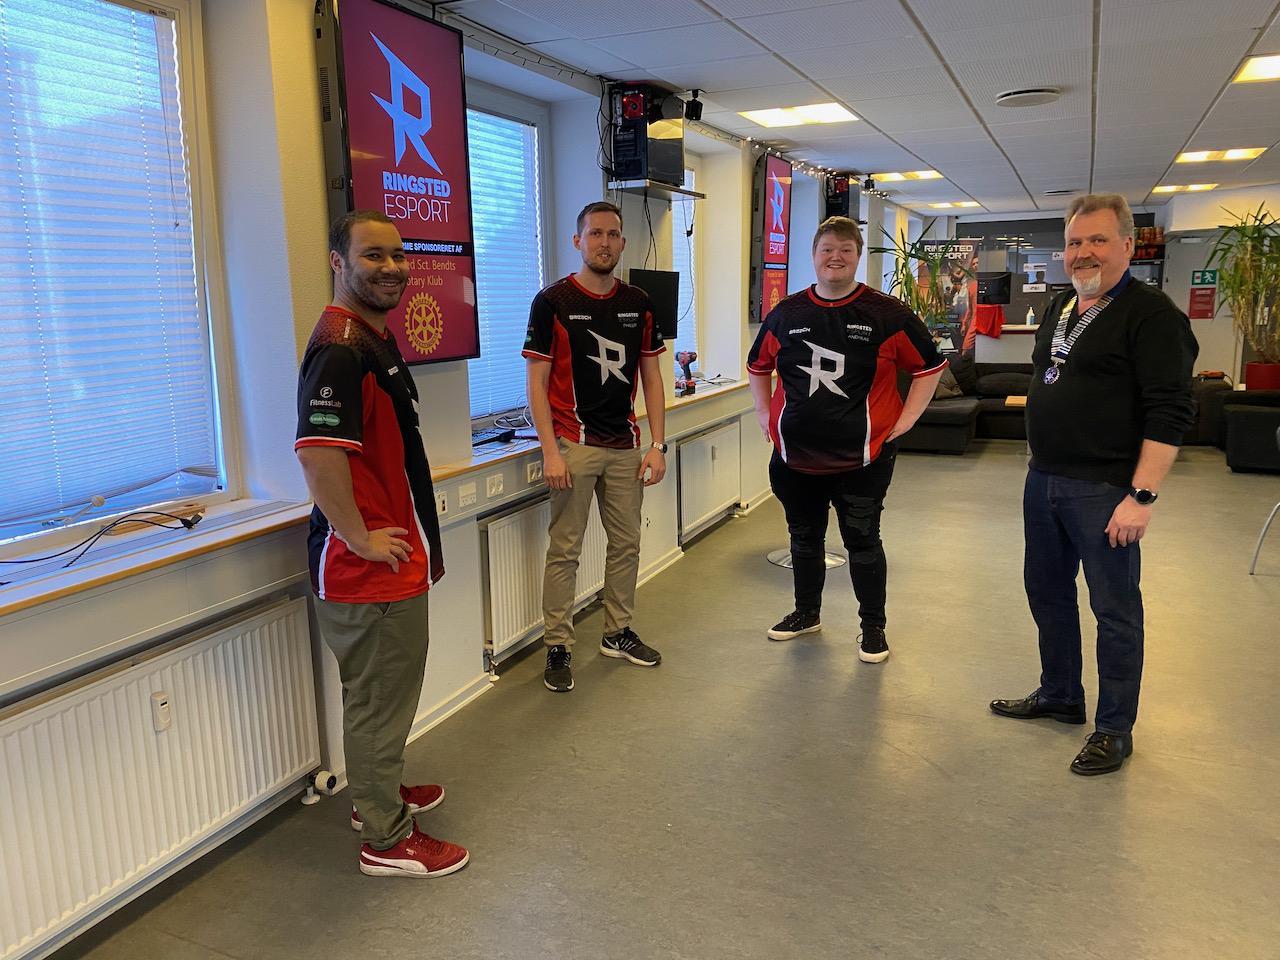 Rotaryklub donerer 25.000 kr. til Ringsted eSport